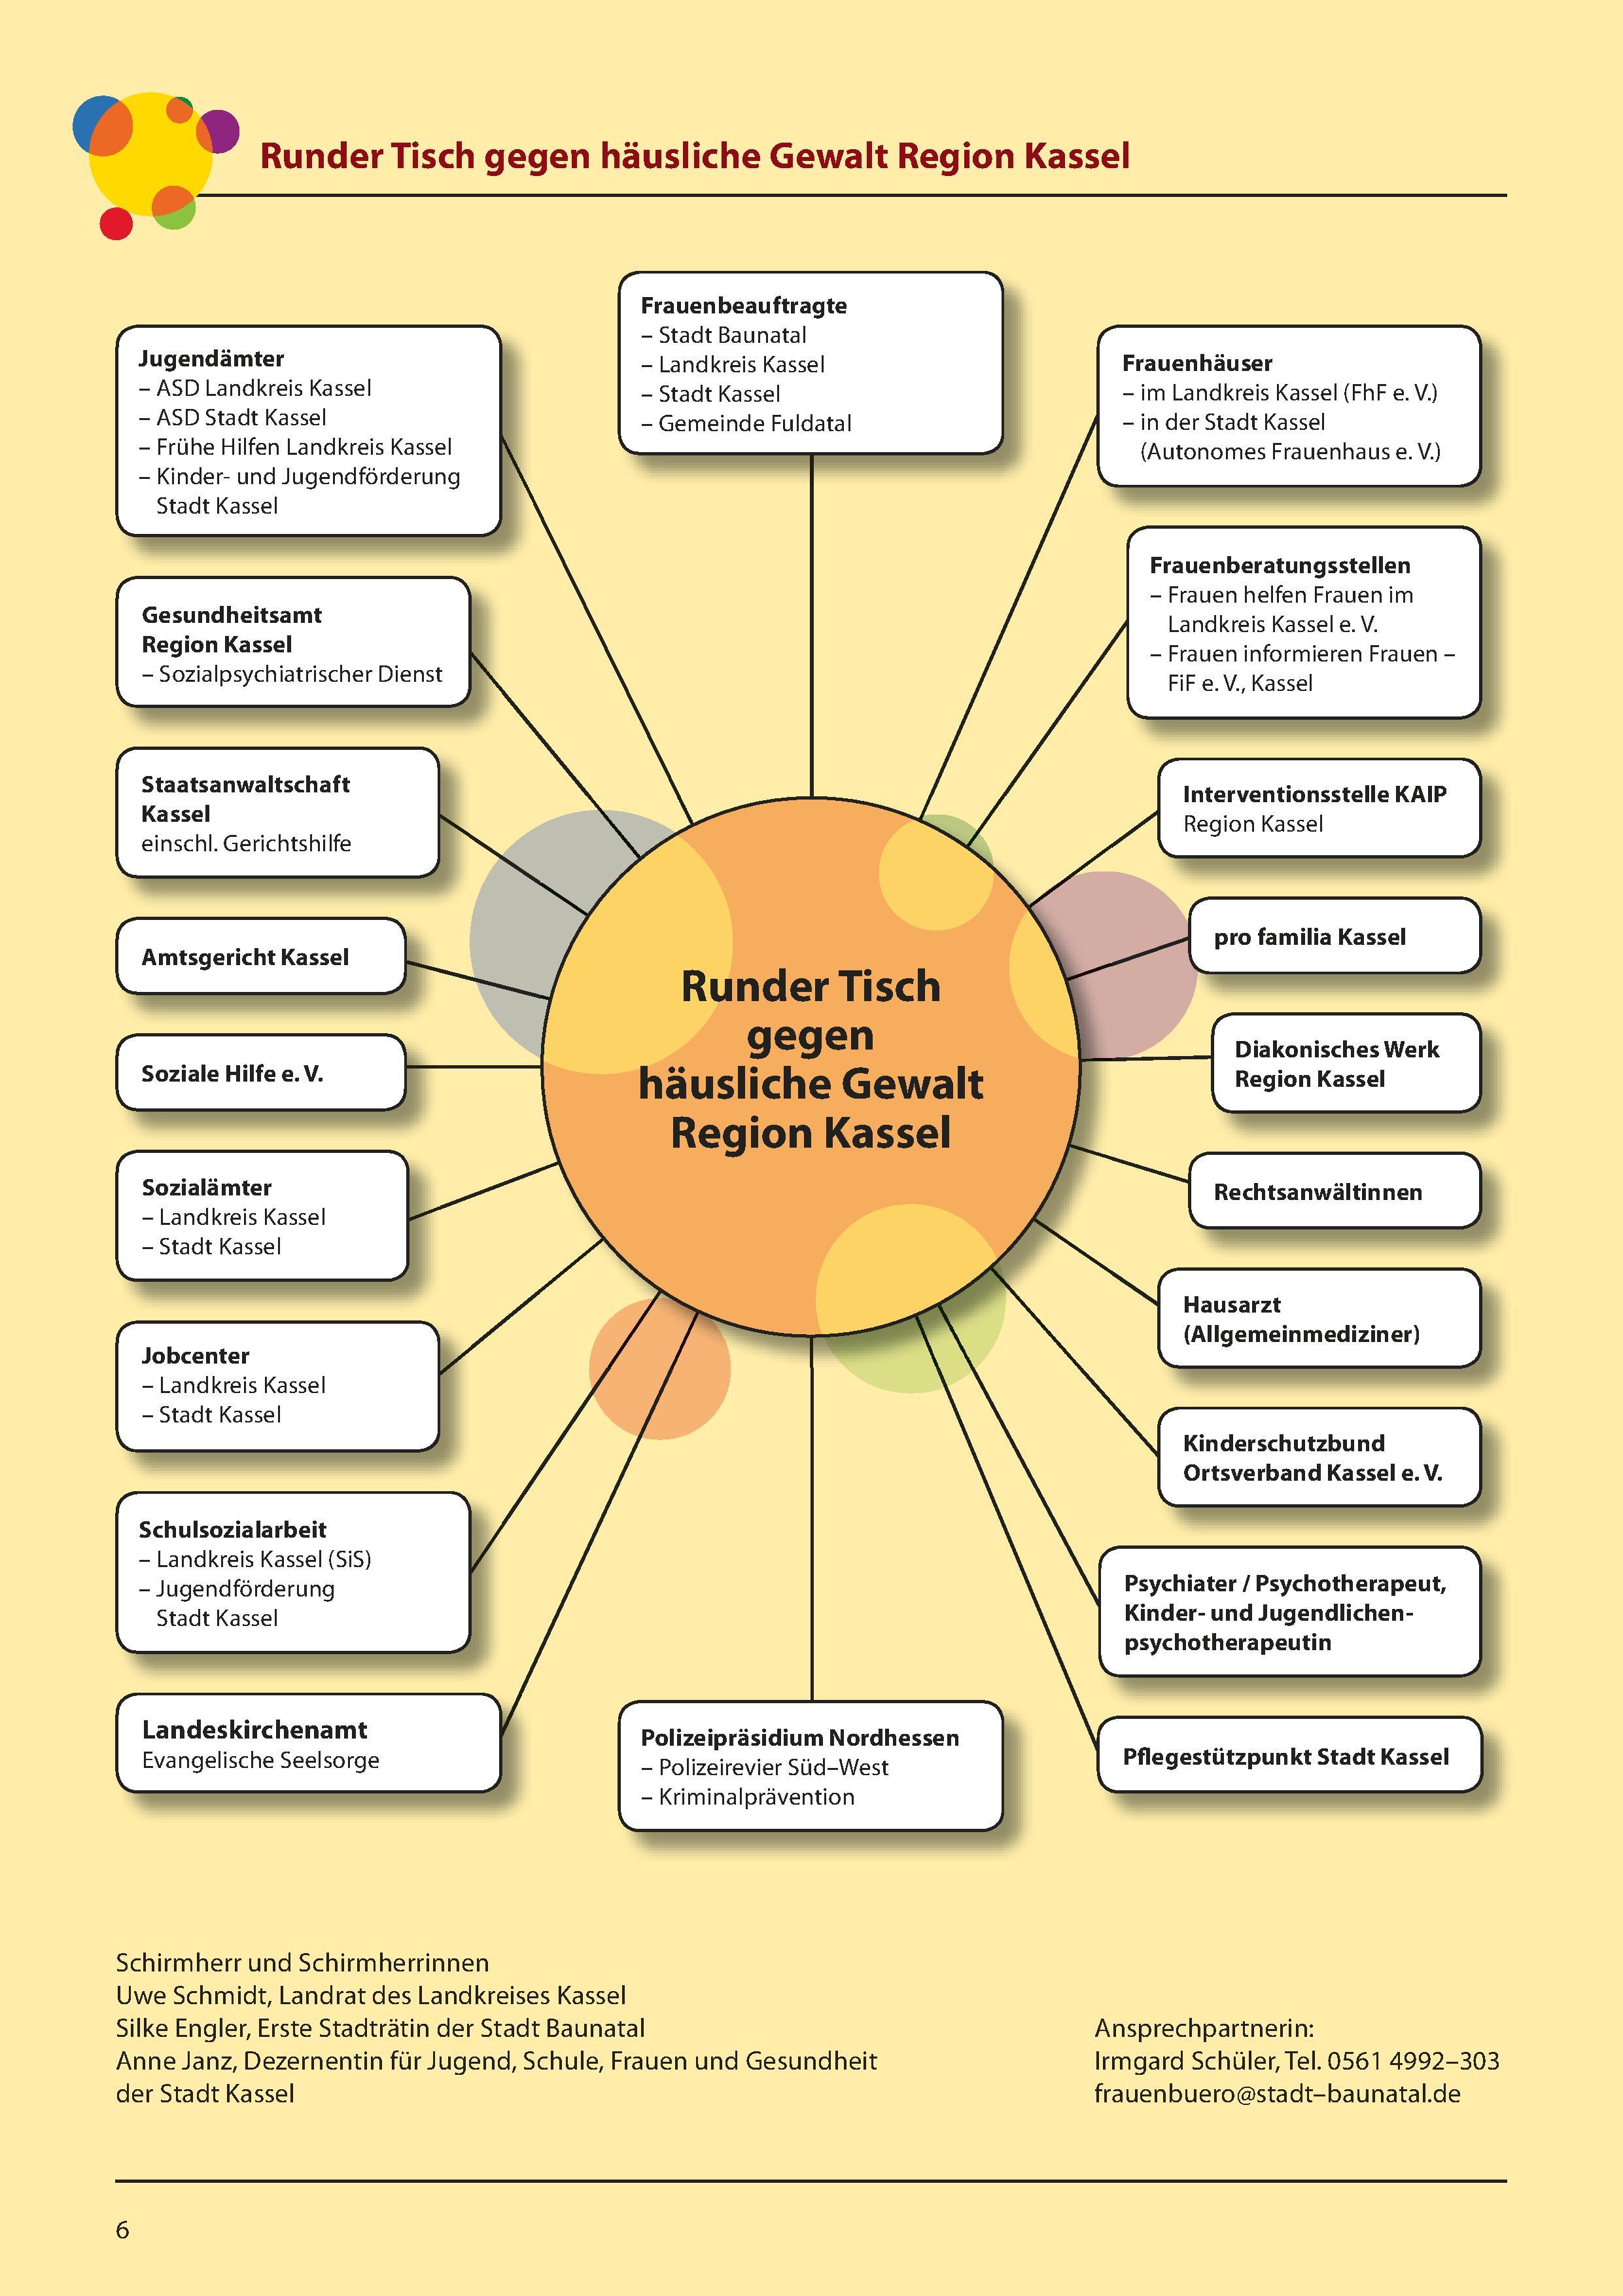 Grafik des Runden Tisches gegen häusliche Gewalt Nordhessen